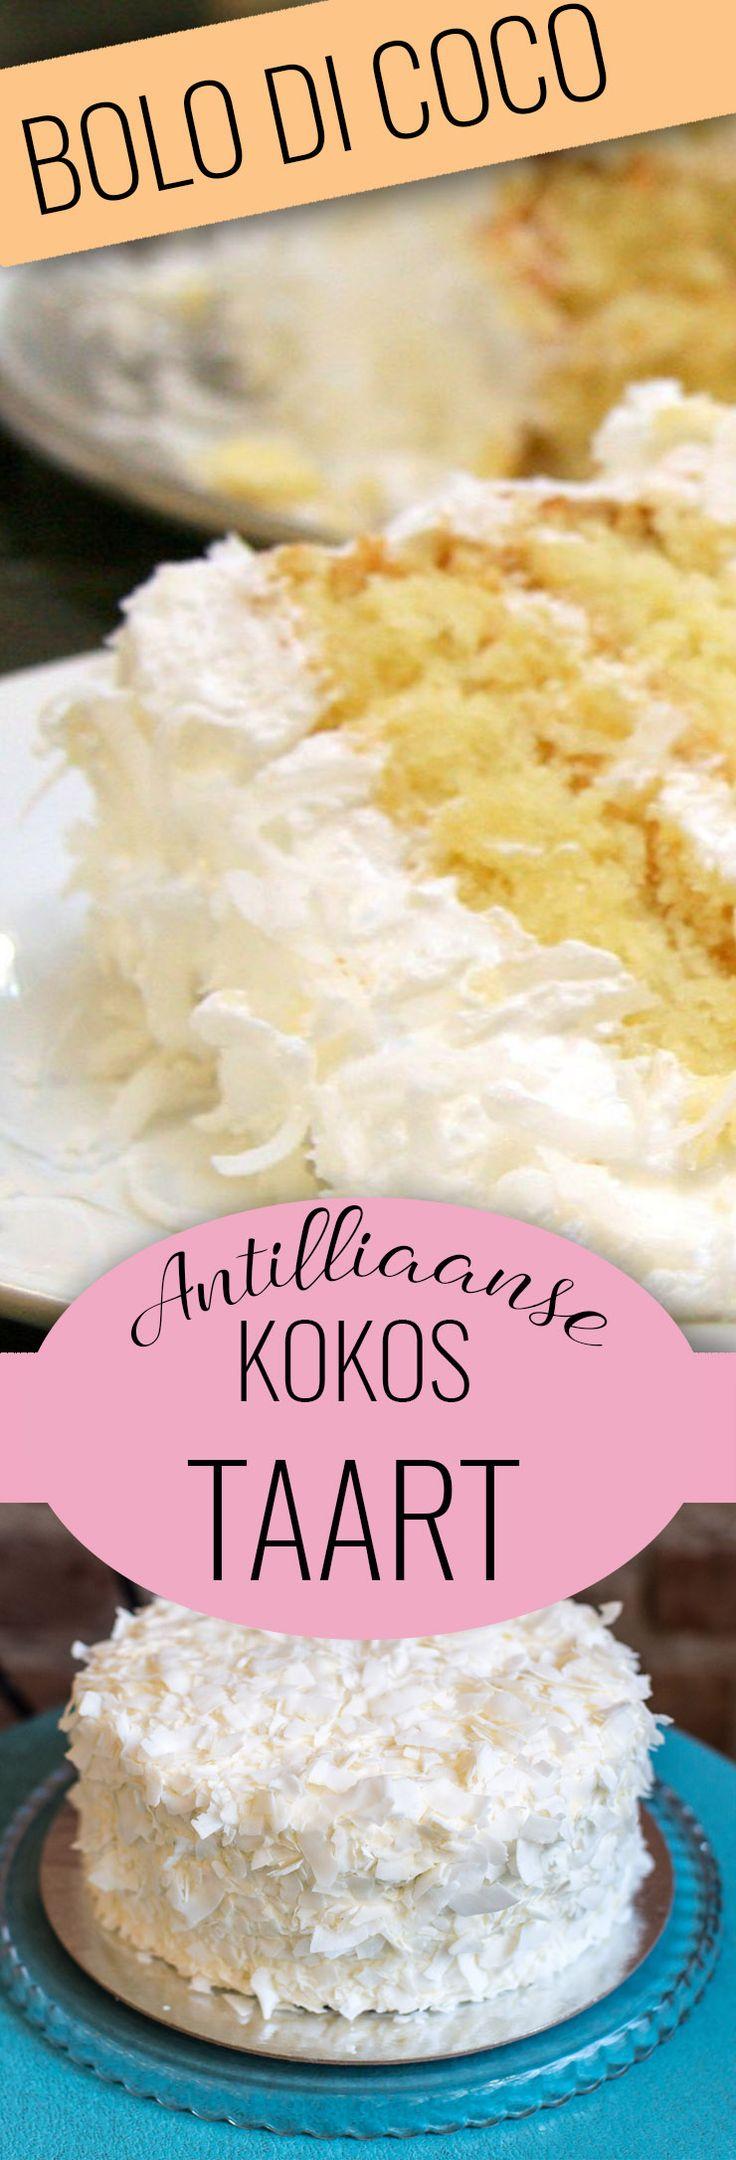 Bolo di coco - Deze Antilliaanse kokostaart is zo zacht als een wolkje! Lees er alles over op www.antilliaans-eten.nl